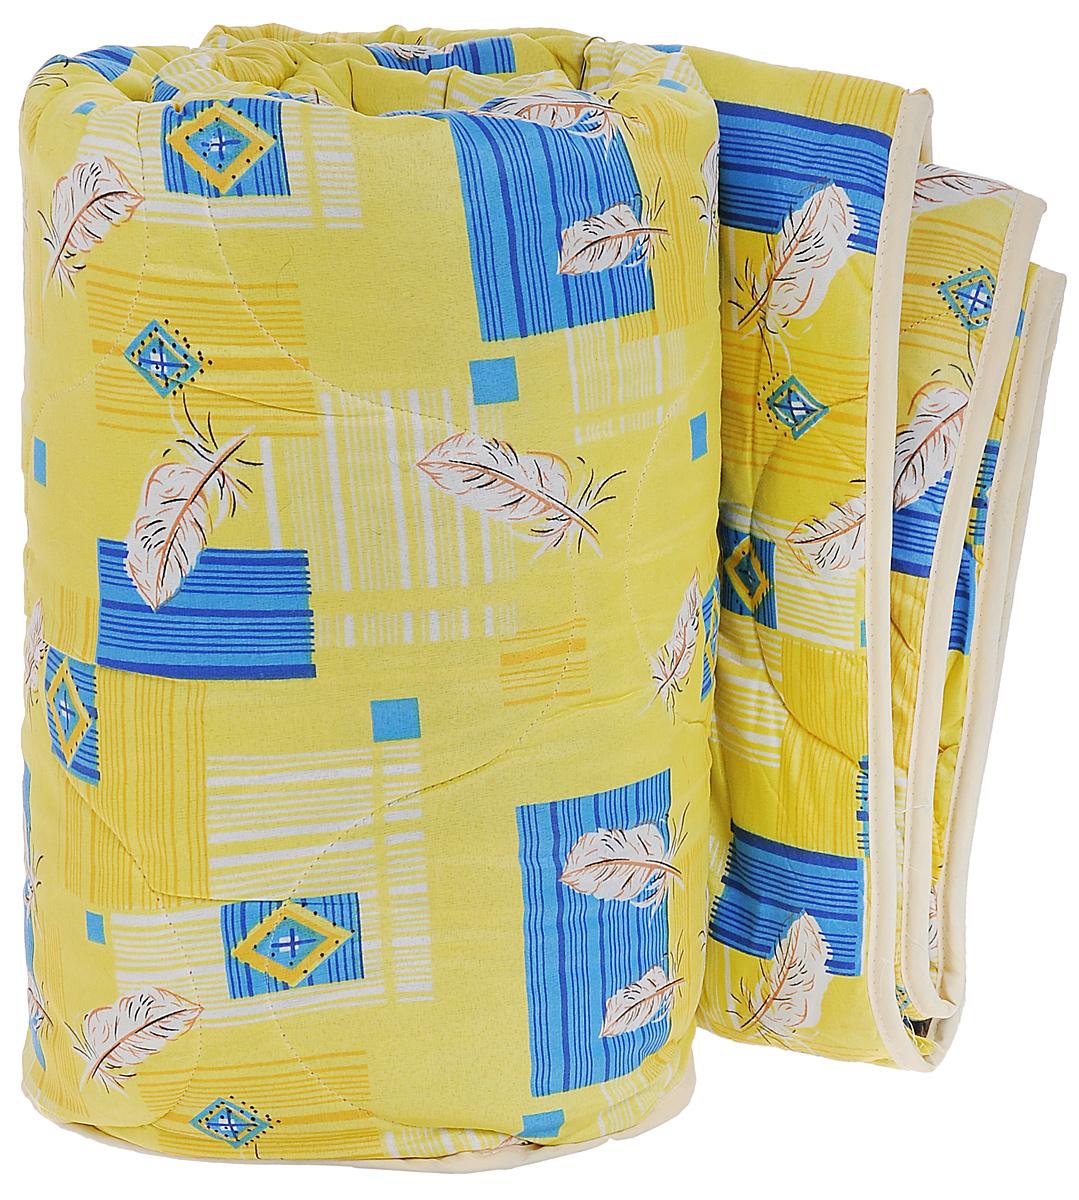 Одеяло всесезонное OL-Tex Miotex, наполнитель: полиэфирное волокно Holfiteks, цвет: желтый, голубой, 200 см х 220 смМХПЭ-22-3_желтыйВсесезонное одеяло OL-Tex Miotex создаст комфорт и уют во время сна. Чехол выполнен из полиэстера и оформлен красочным рисунком. Внутри - современный наполнитель из полиэфирного высокосиликонизированного волокна Holfiteks, упругий и качественный. Прекрасно держит тепло. Одеяло с наполнителем Holfiteks легкое и комфортное. Даже после многократных стирок не теряет свою форму, наполнитель не сбивается, так как одеяло простегано и окантовано. Не вызывает аллергии. Holfiteks - это возможность легко ухаживать за своими постельными принадлежностями. Можно стирать в машинке, изделия быстро и полностью высыхают - это обеспечивает гигиену спального места при невысокой цене на продукцию.Плотность: 300 г/м2.